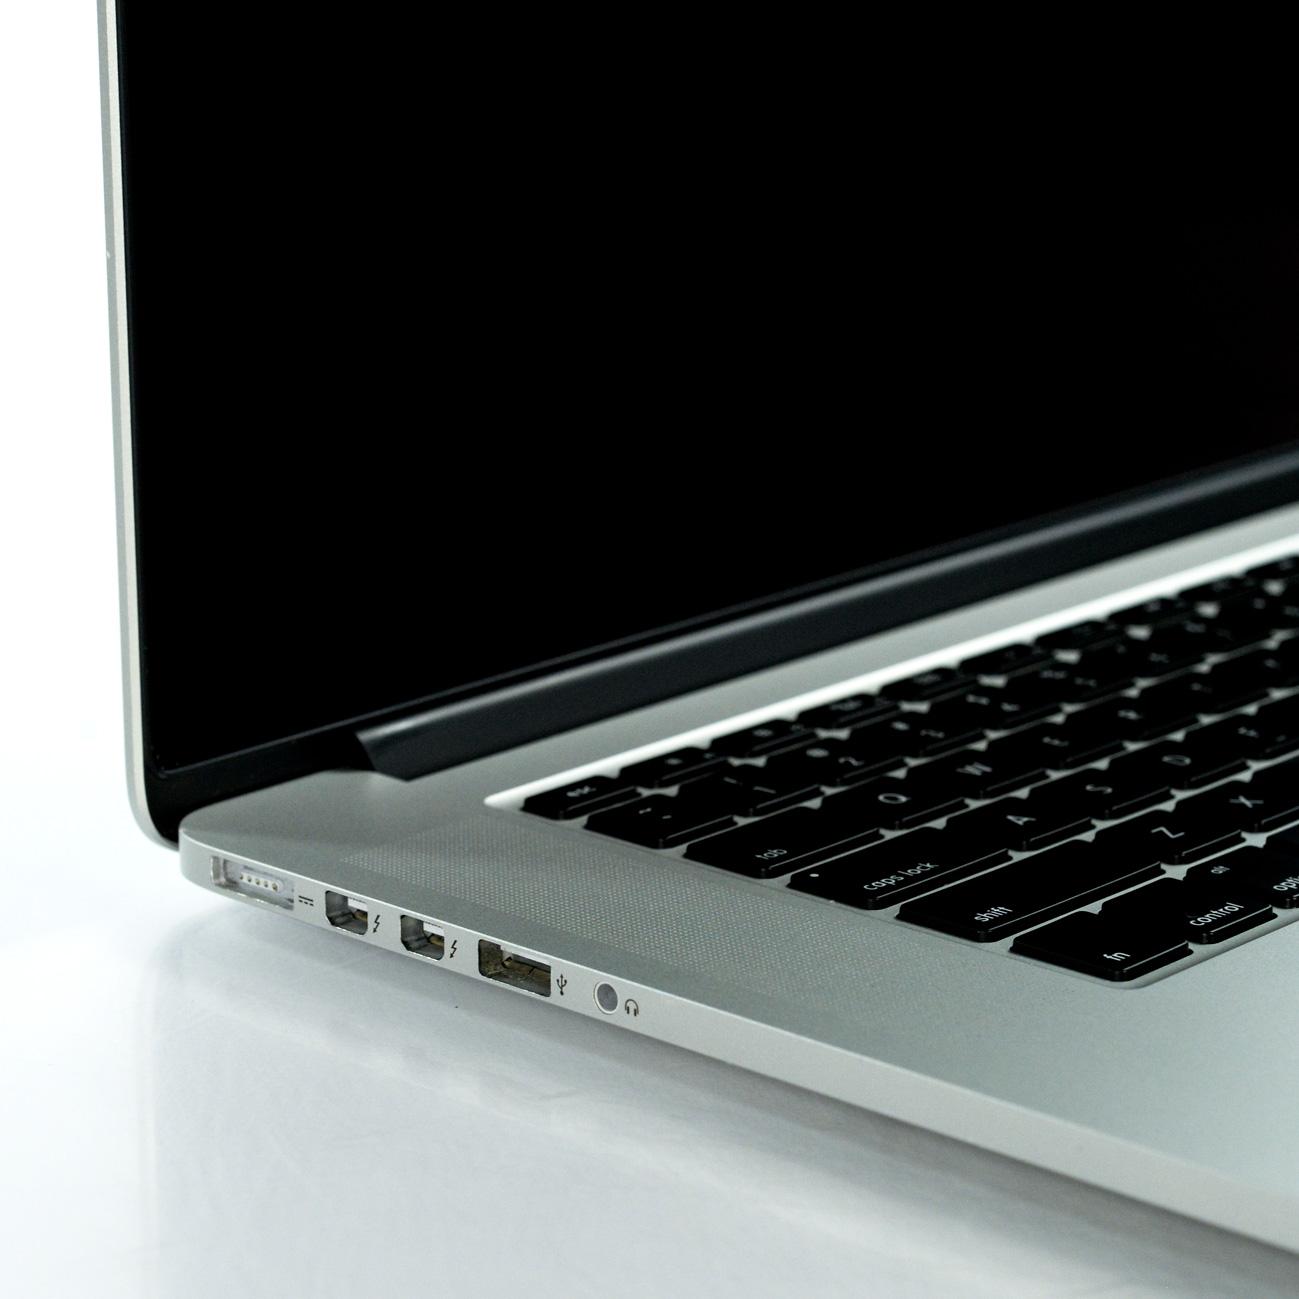 MacBook, pro, repair - iFixit